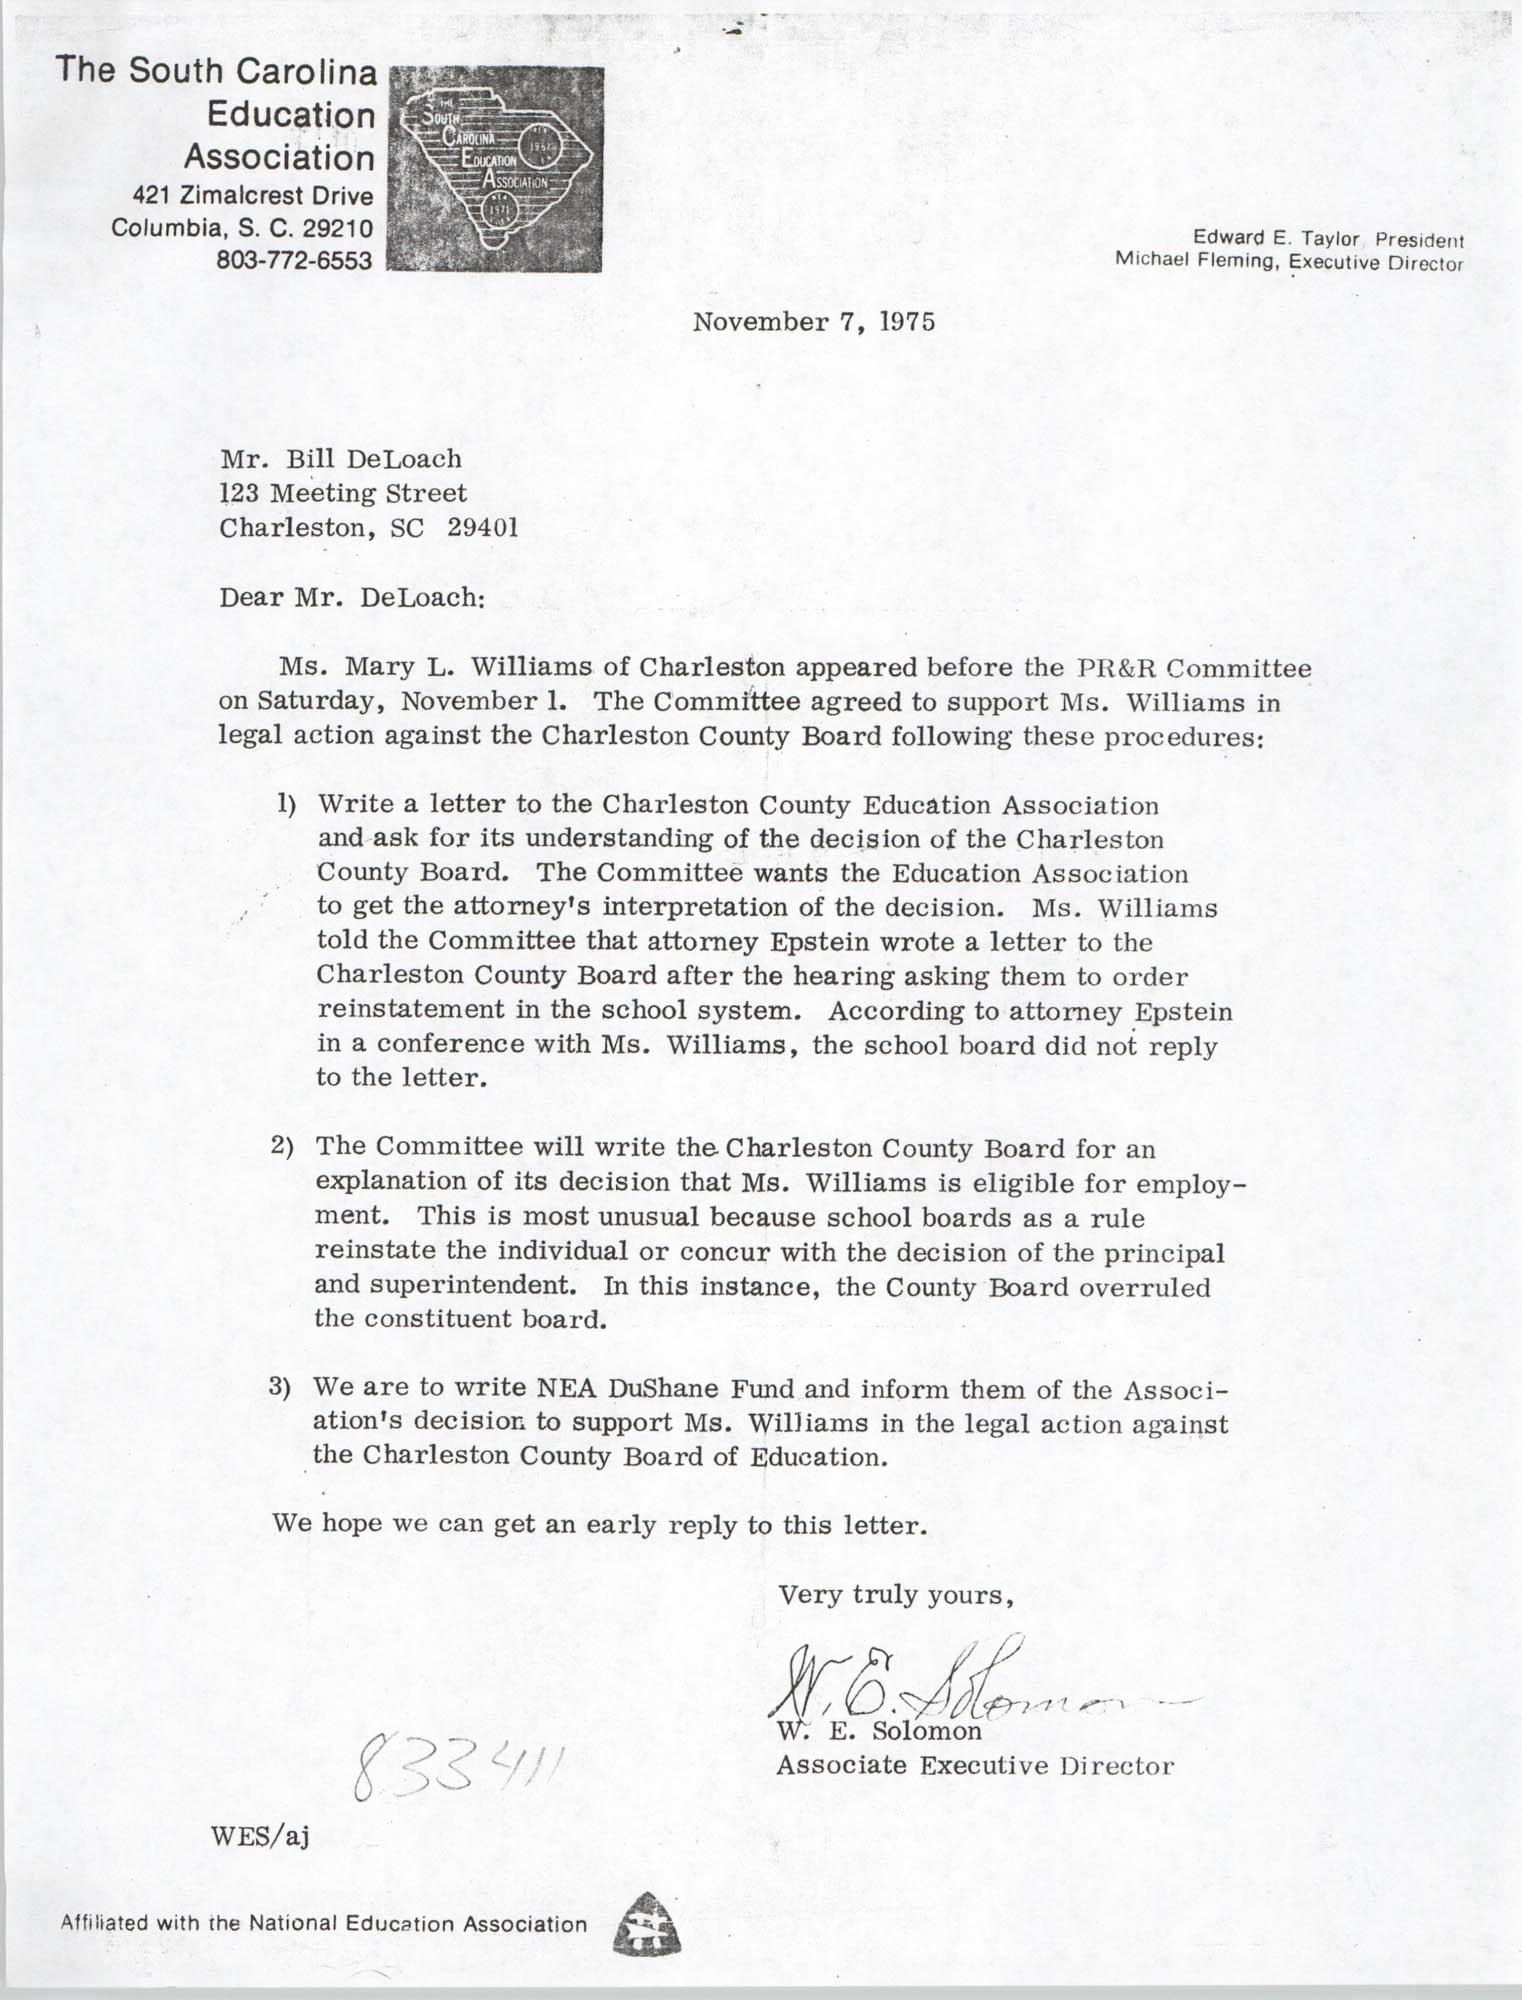 Letter from W. E. Solomon to Bill DeLoach, November 7, 1975